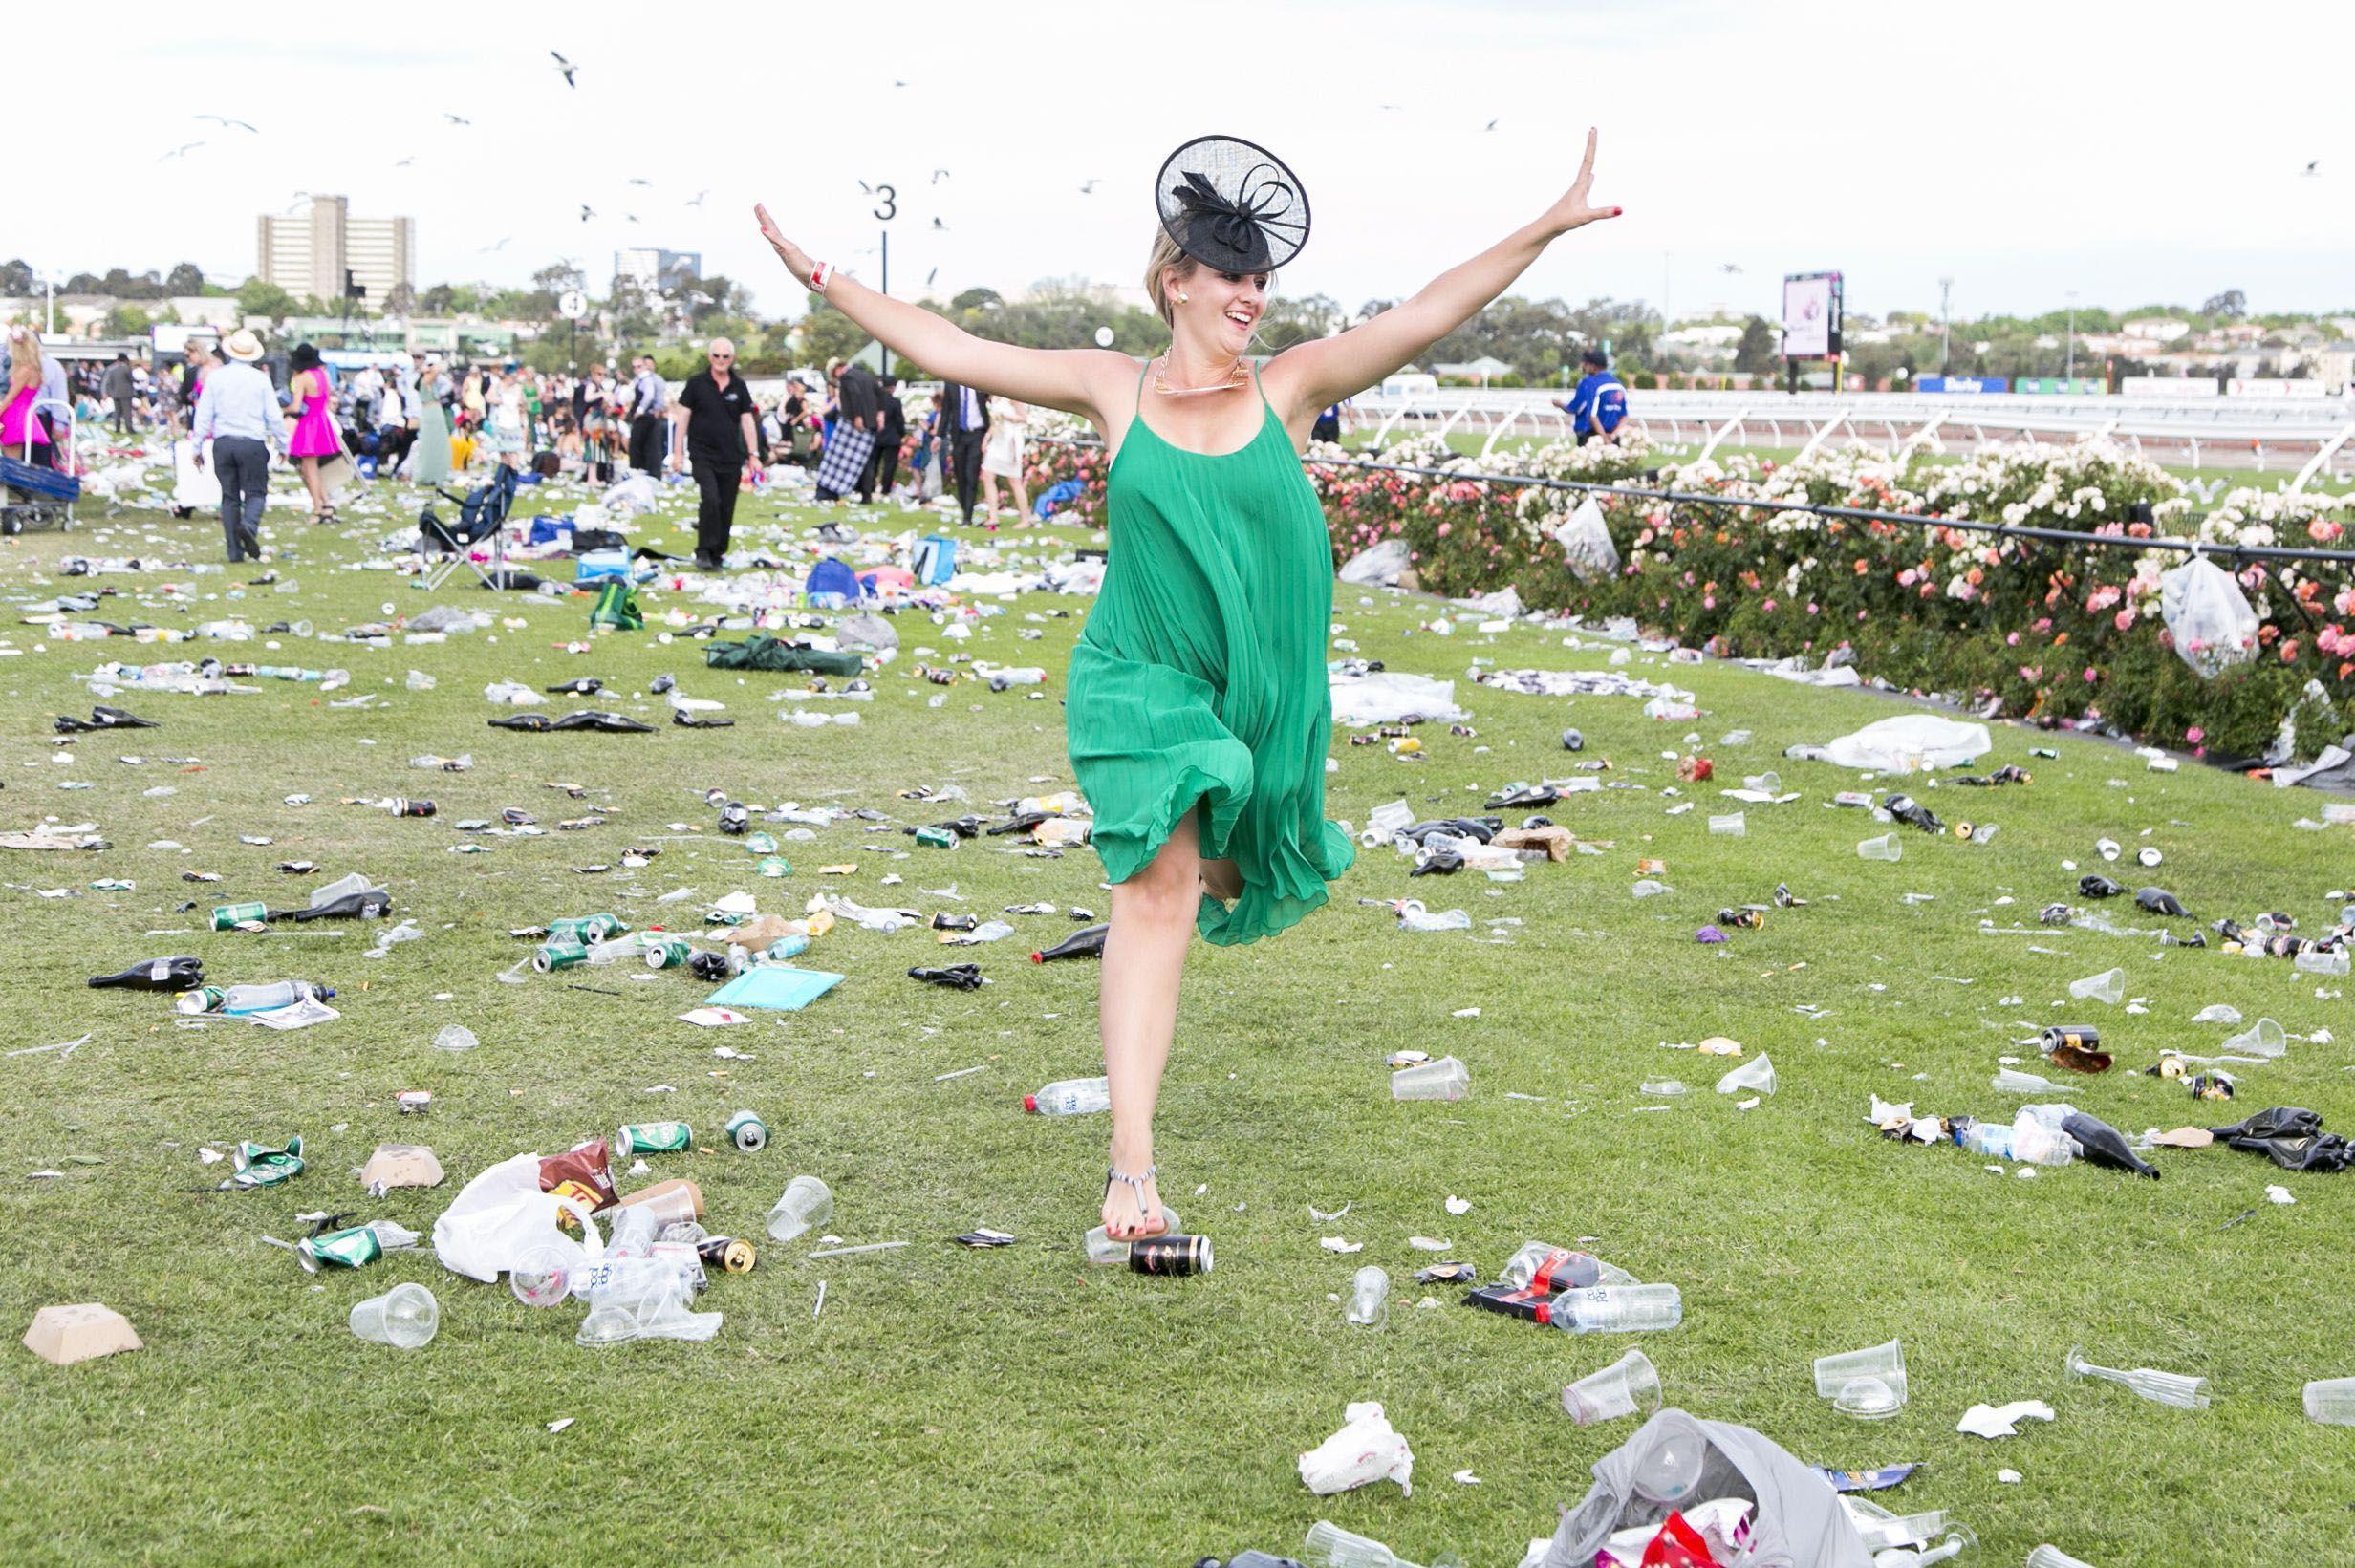 土澳赛马节成互摸节:乱丢垃圾洋相百出,英国网友吐槽不已